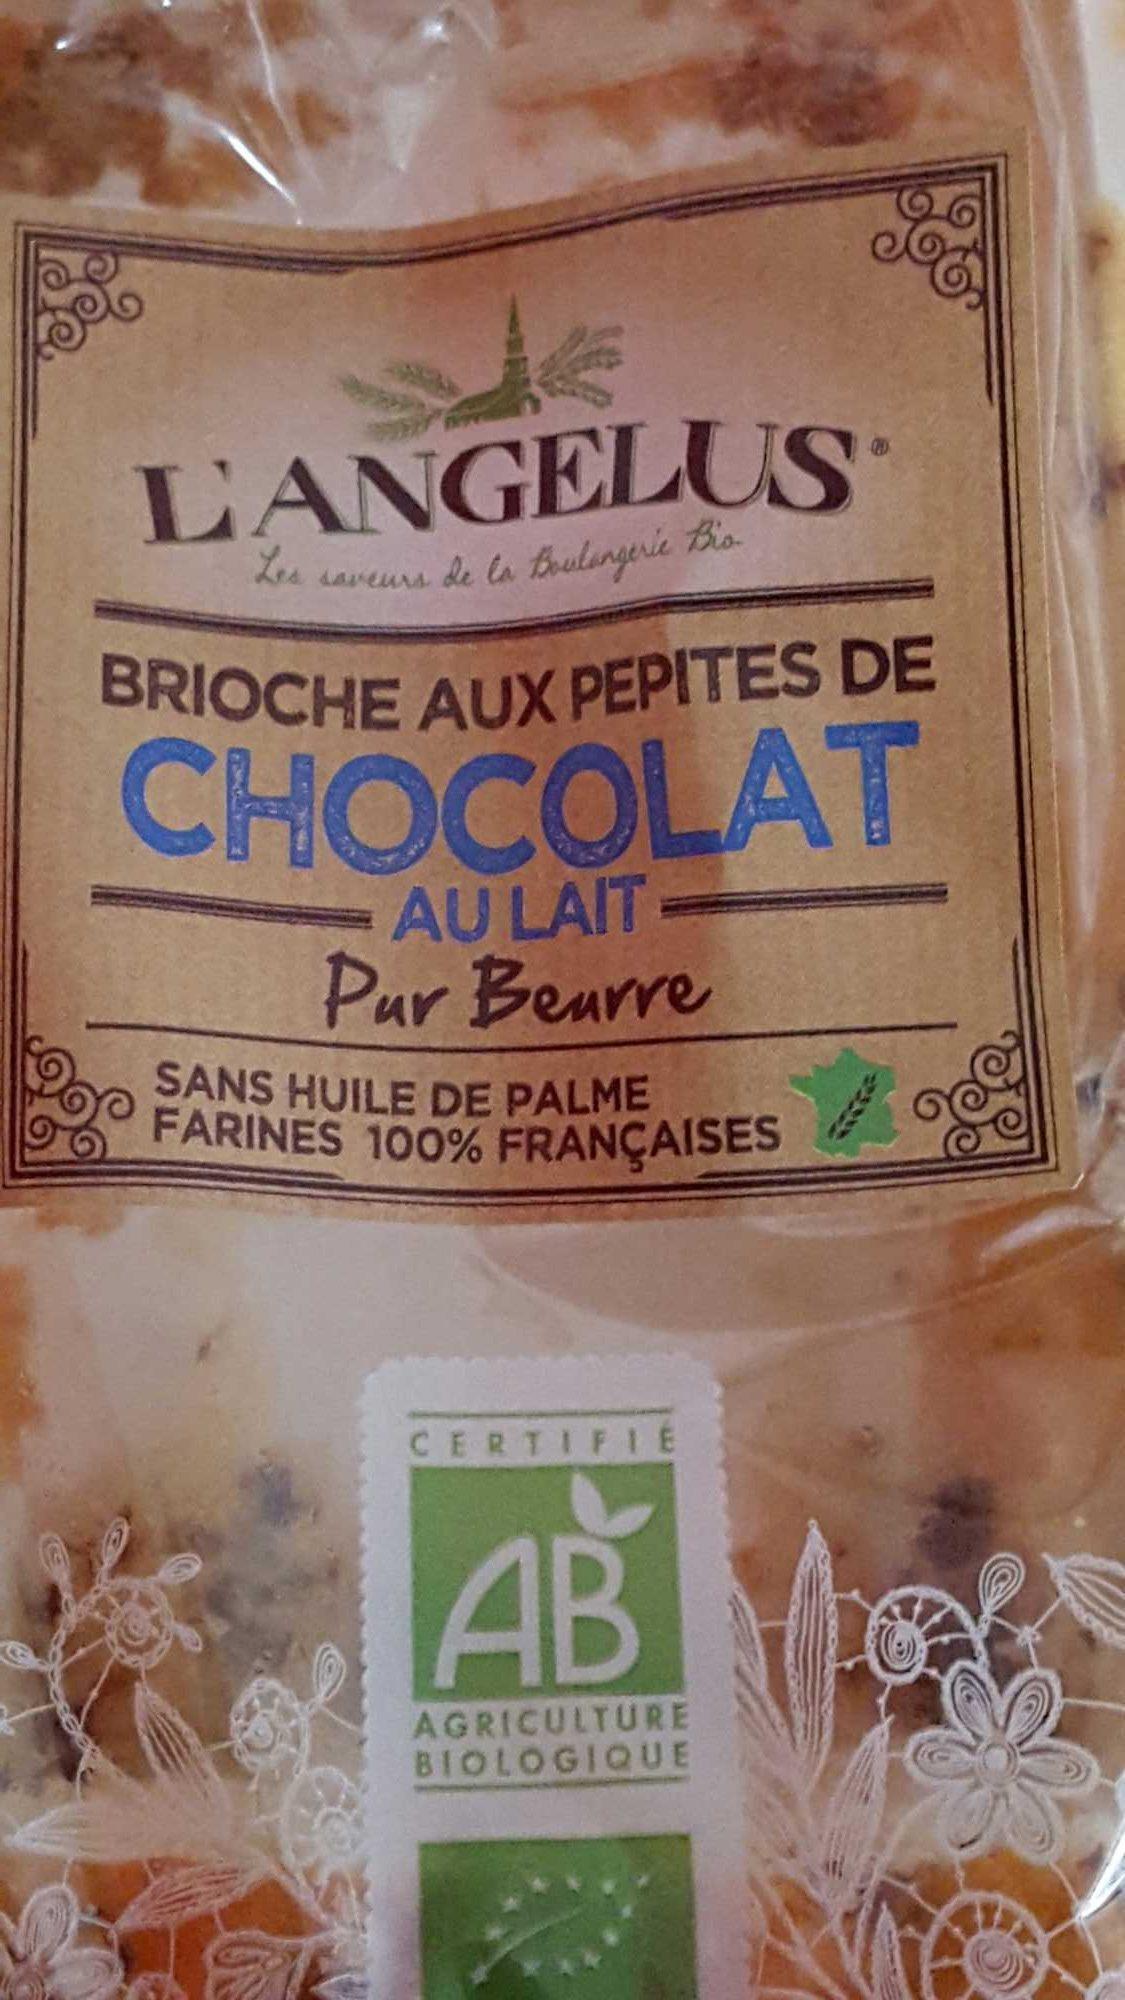 Brioche aux pépites de chocolat au lait pur beurre - Produit - fr